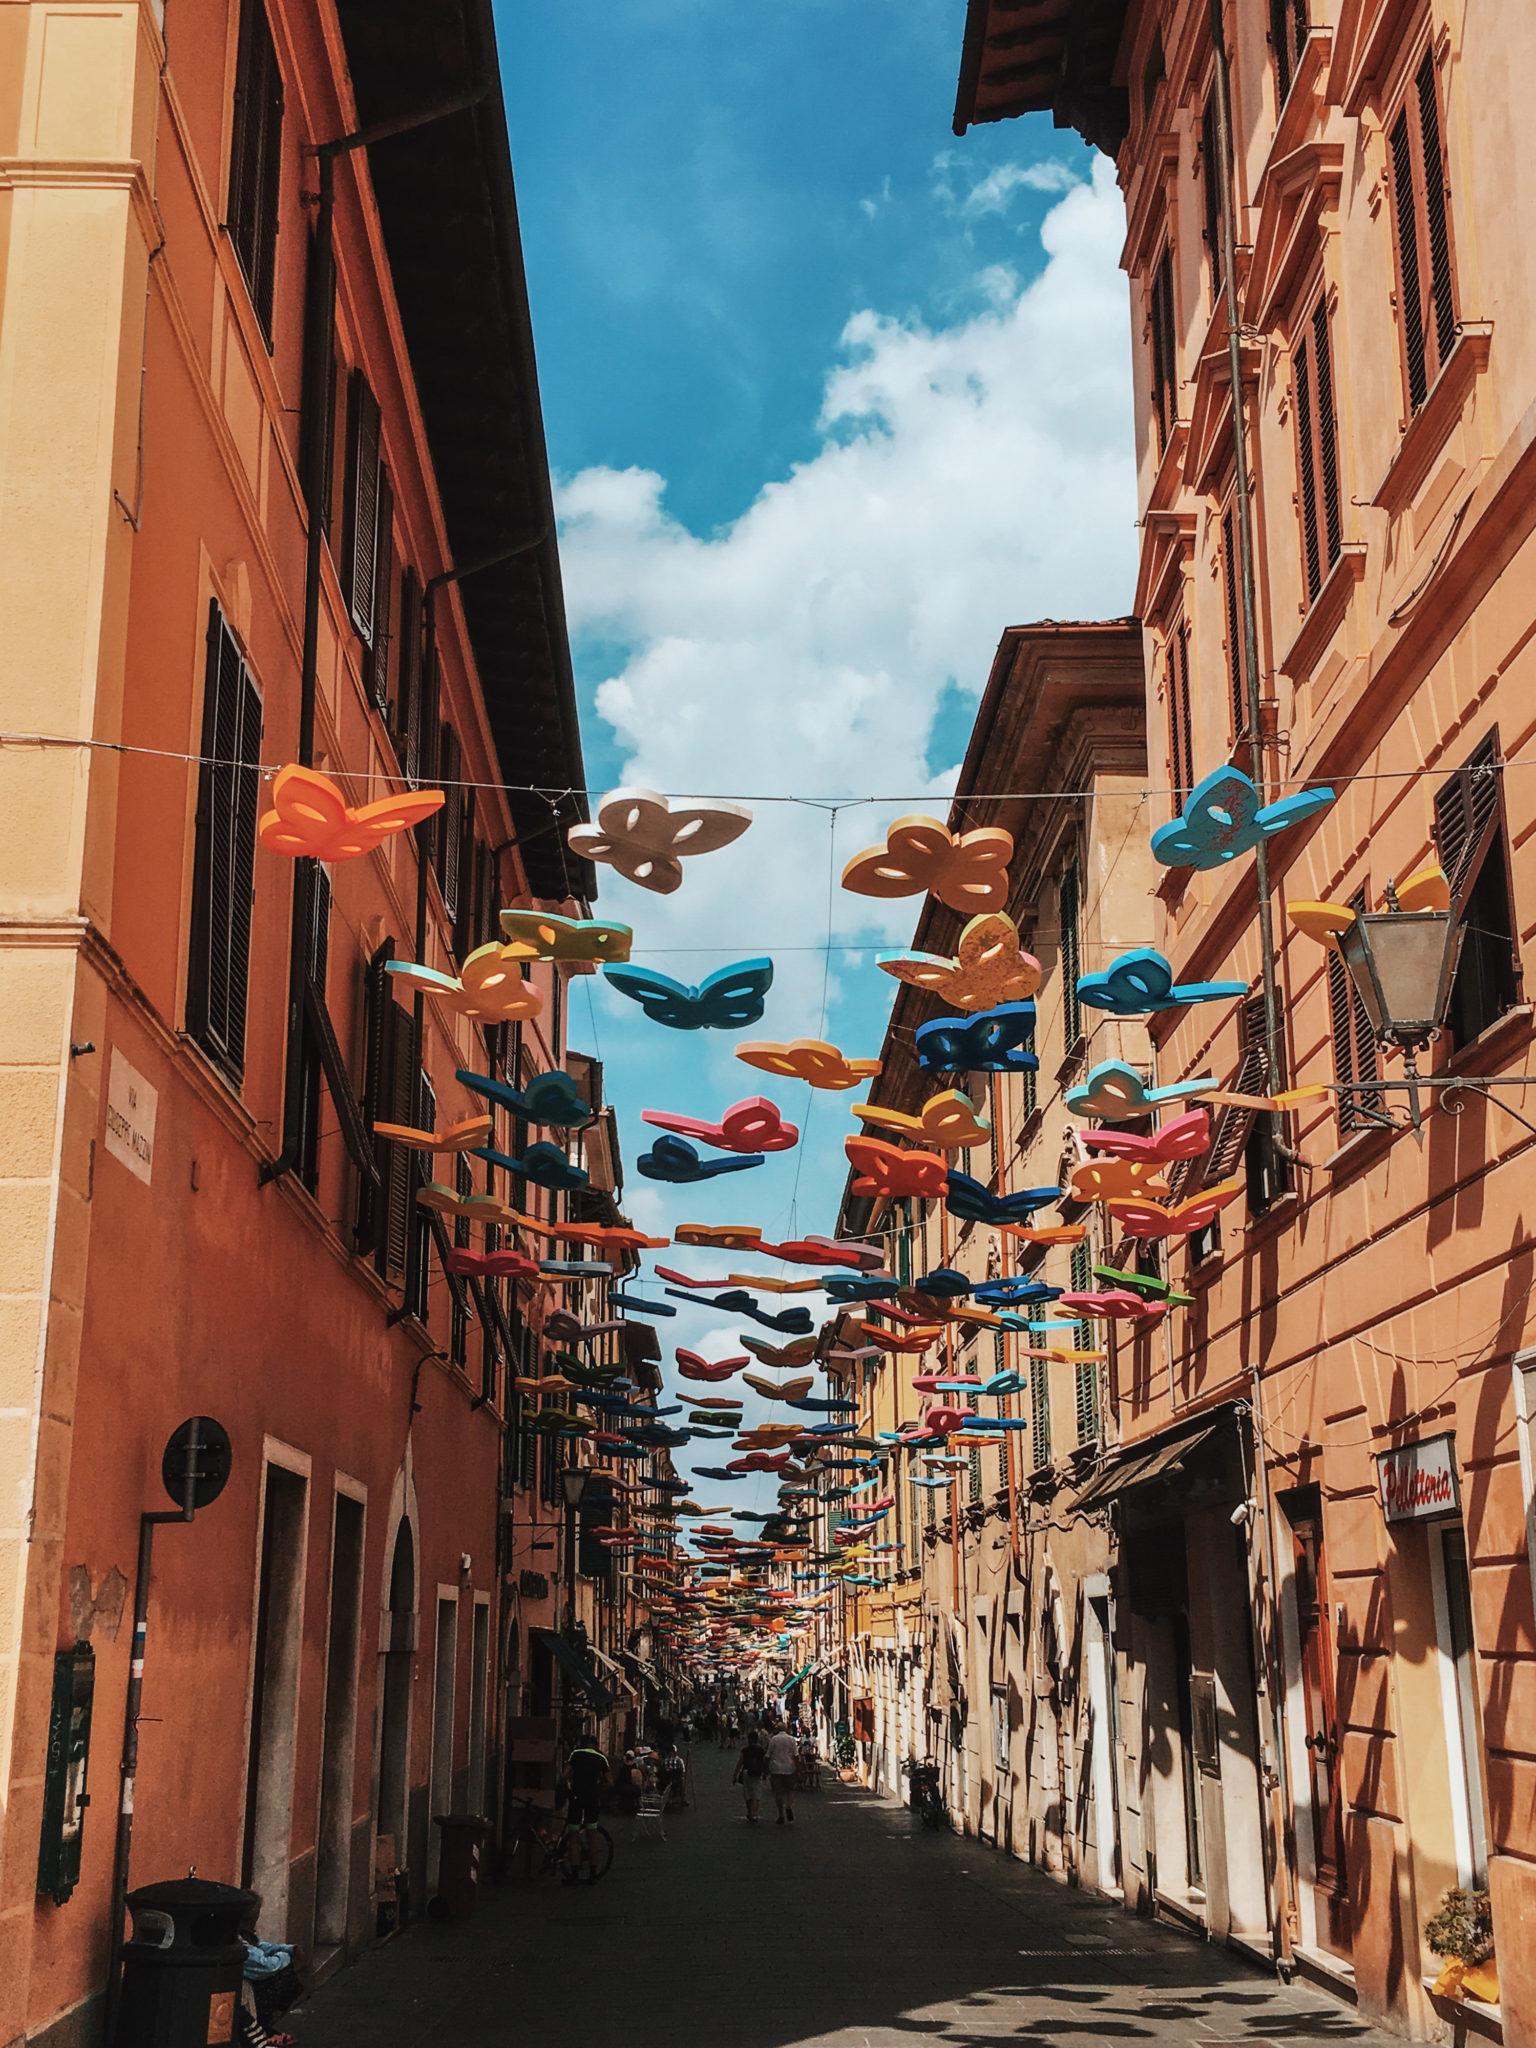 il Museo dei Bozzetti e il Parco Internazionale della Scultura Contemporanea fanno di Pietrasanta un luogo di arte: una piccola Atene, densa di storia